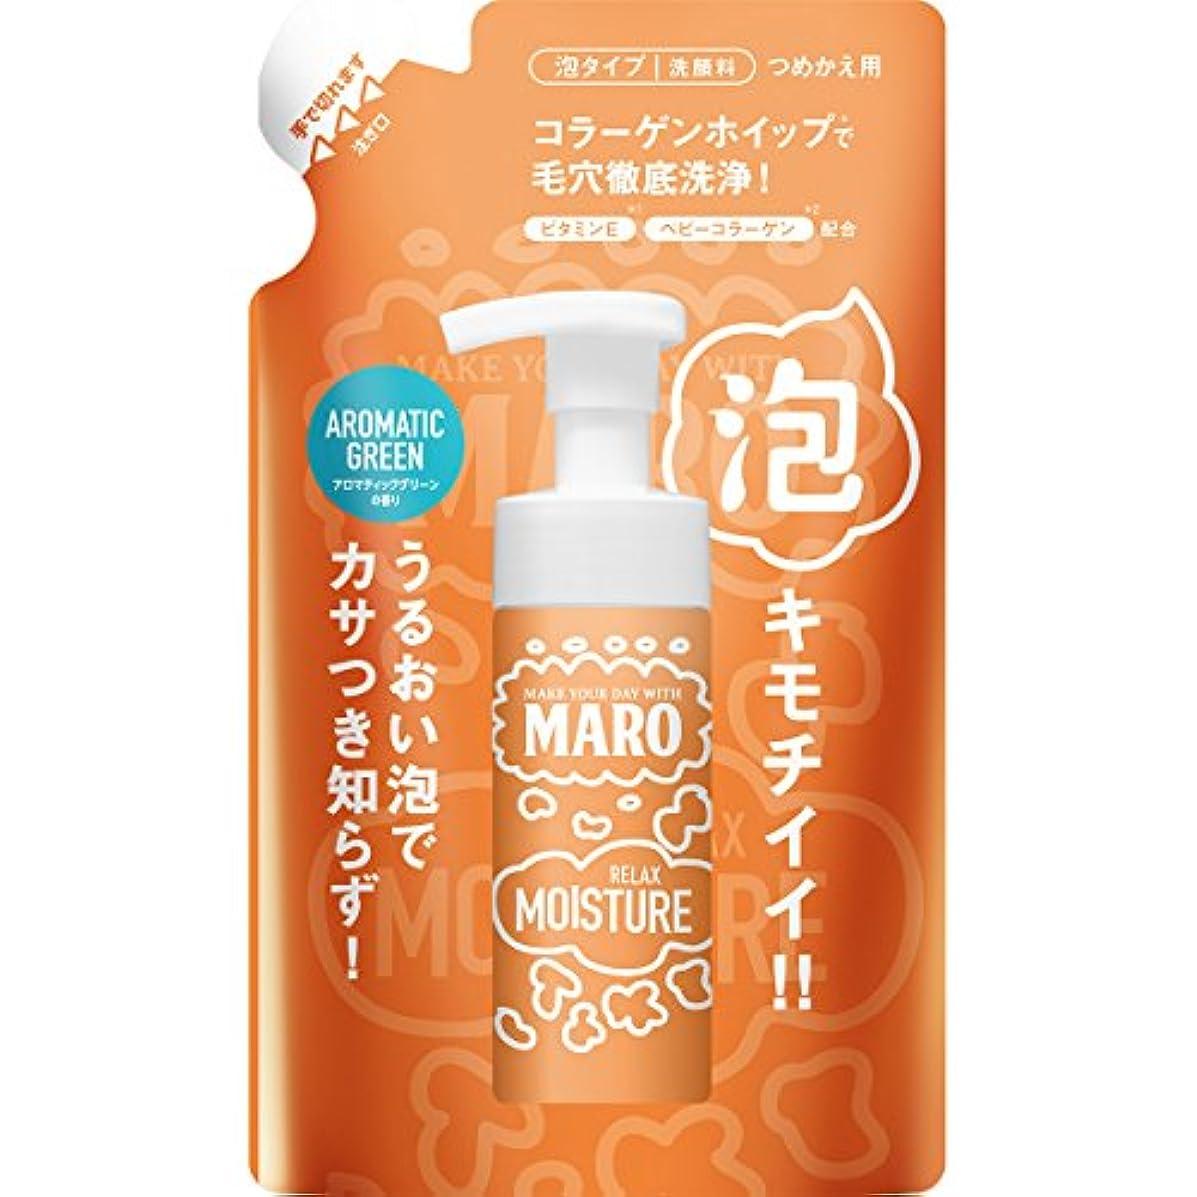 大騒ぎ腰修理工MARO グルーヴィー 泡洗顔 詰め替え リラックスモイスチャー 130ml